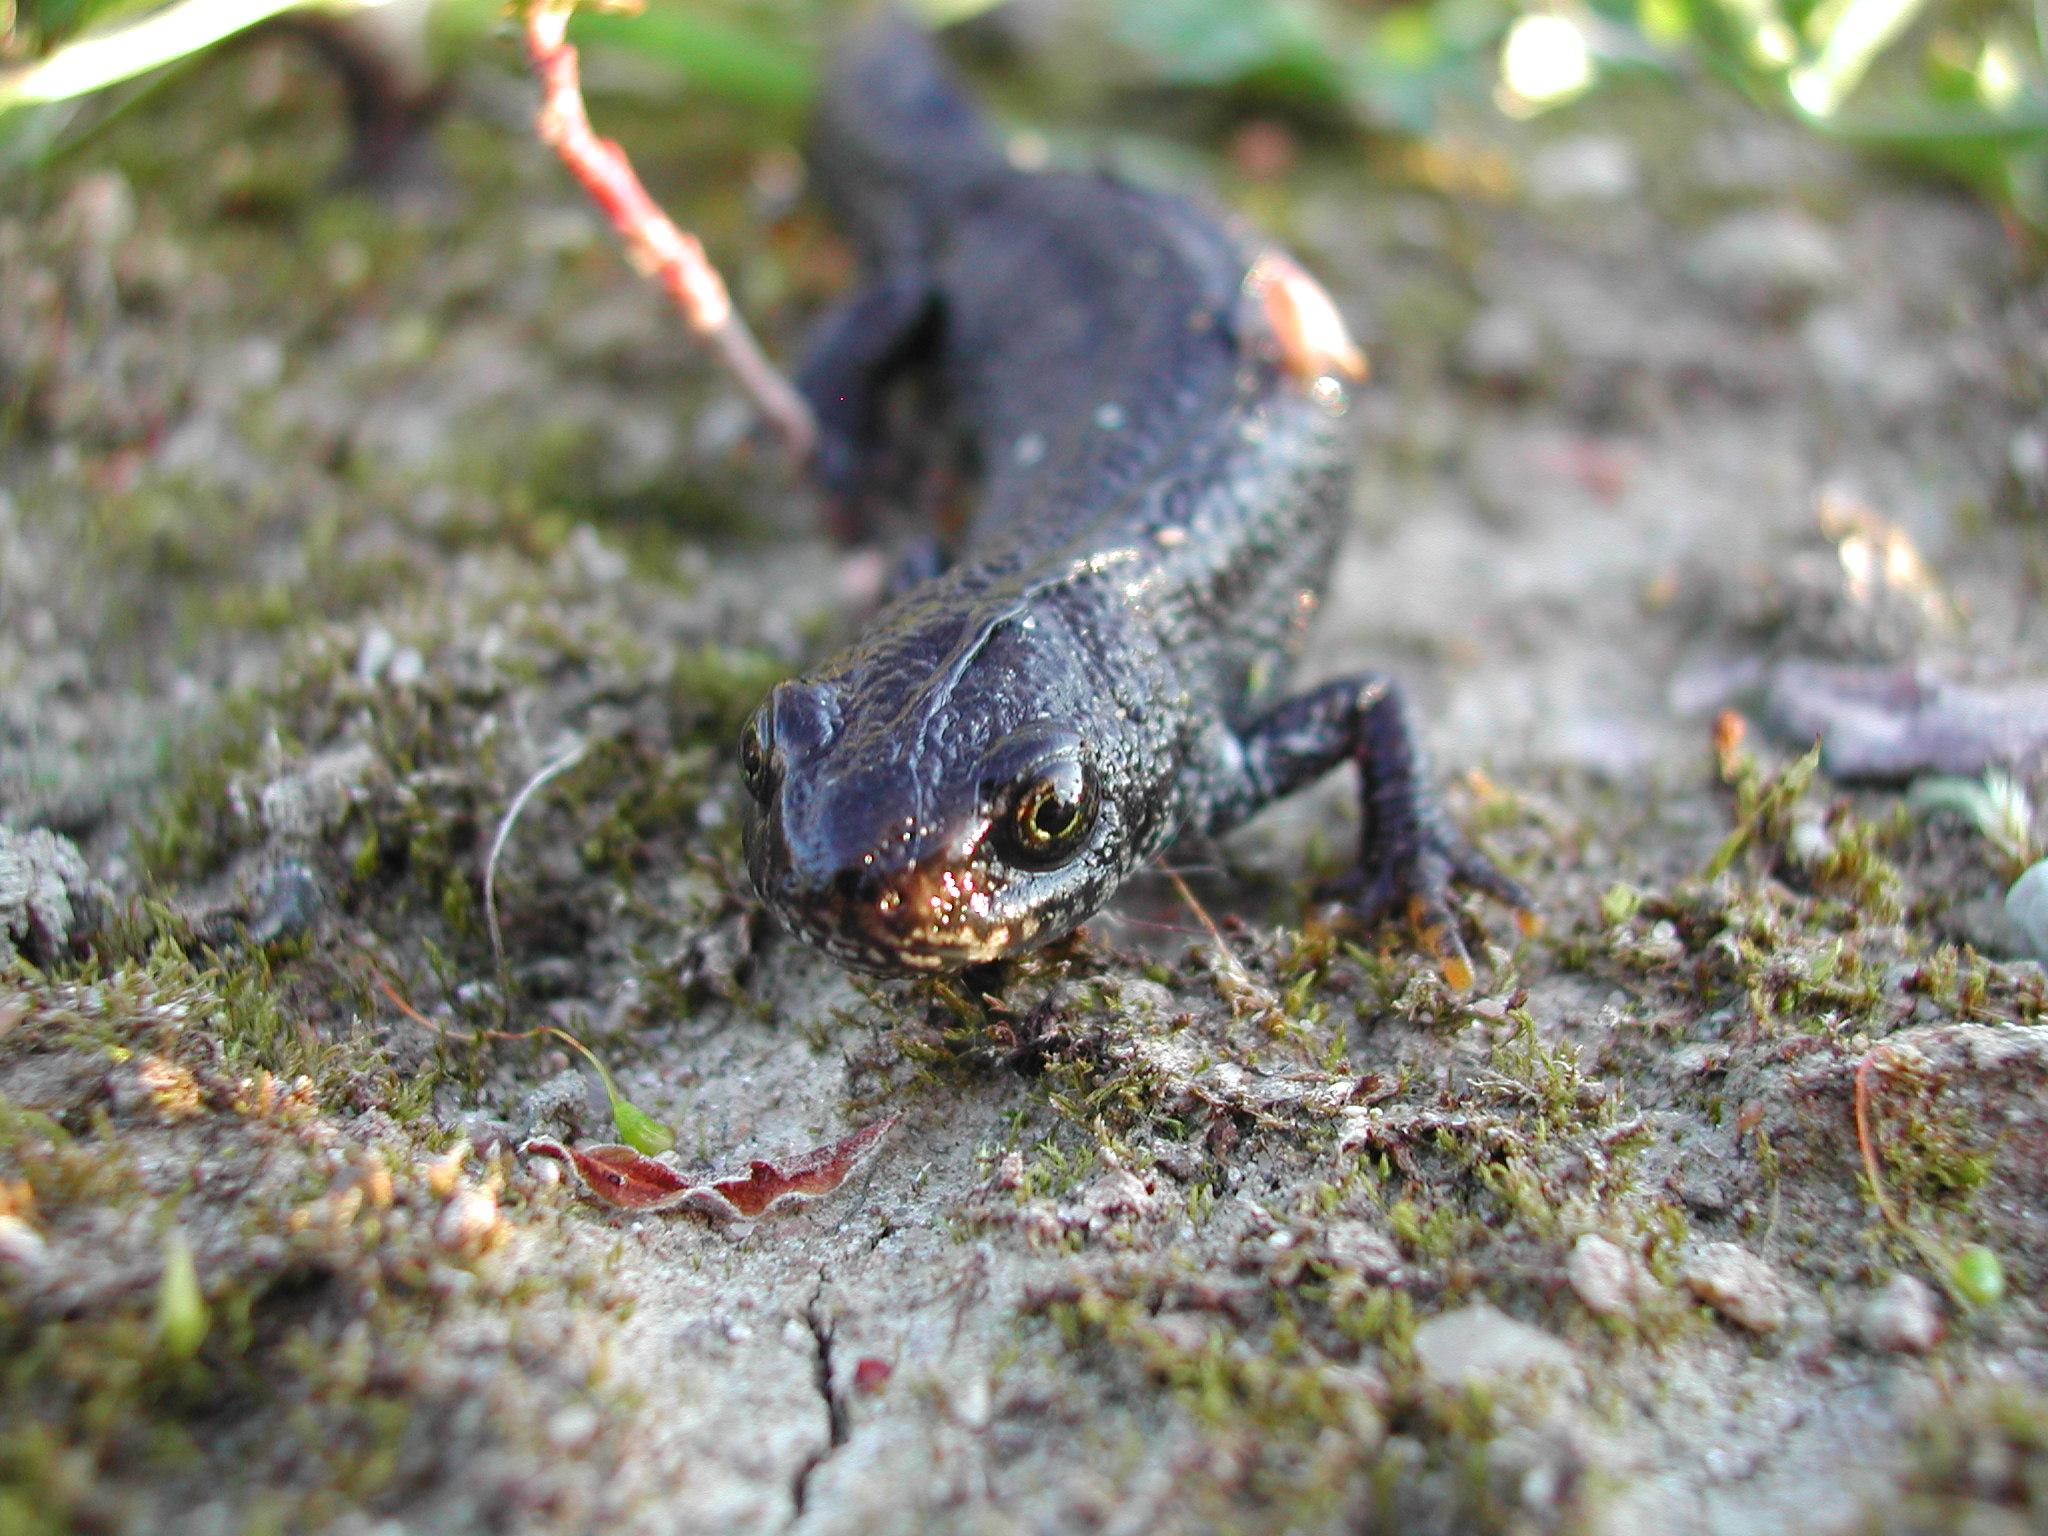 Der seltene Kammmolch ist im Sichelbruch ebenfalls stark vertreten. Foto: NABU/O. Klose